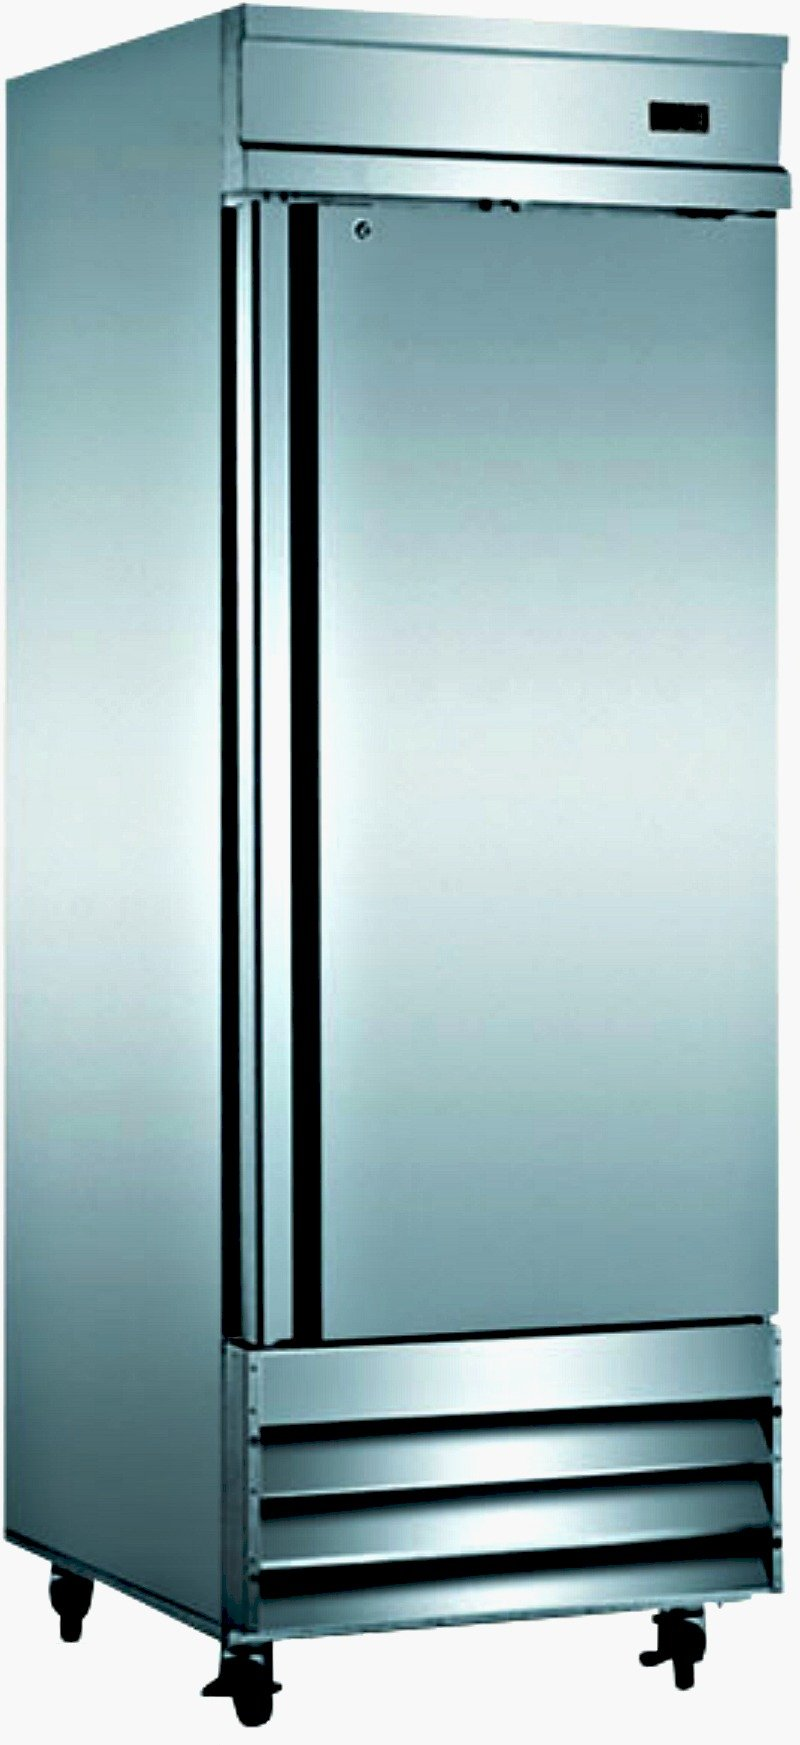 29'' Freezer Single Solid Steel Door Reach-in Commercial Grade Restaurant - 23 Cu. Ft. - Auto Defrost - Digital Control - Adjustable Shelves - Stainless Steel